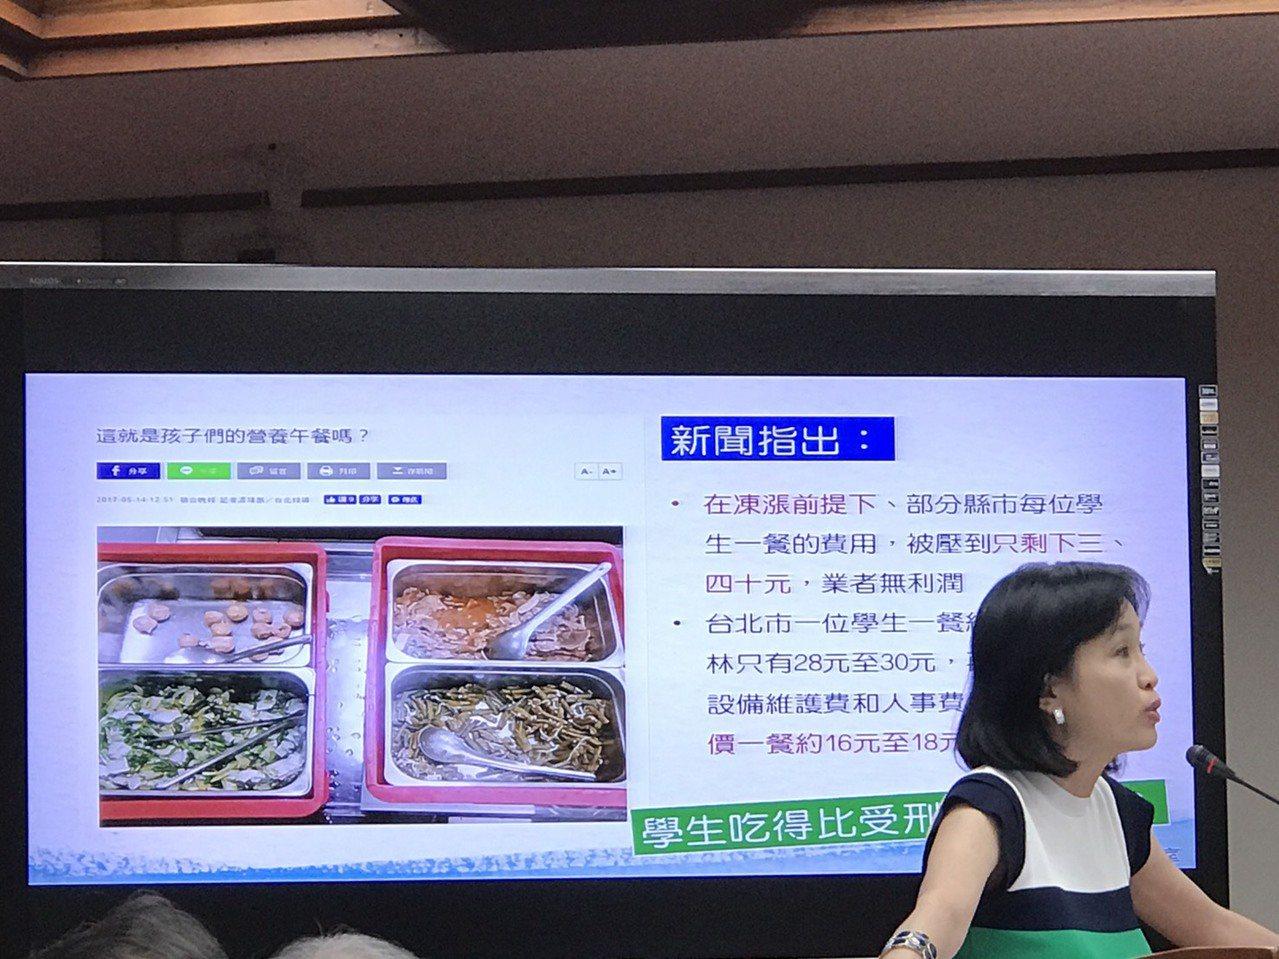 國民黨立委柯志恩引用本報曾報導的高中老師營養午餐紀實。記者馮靖惠/攝影